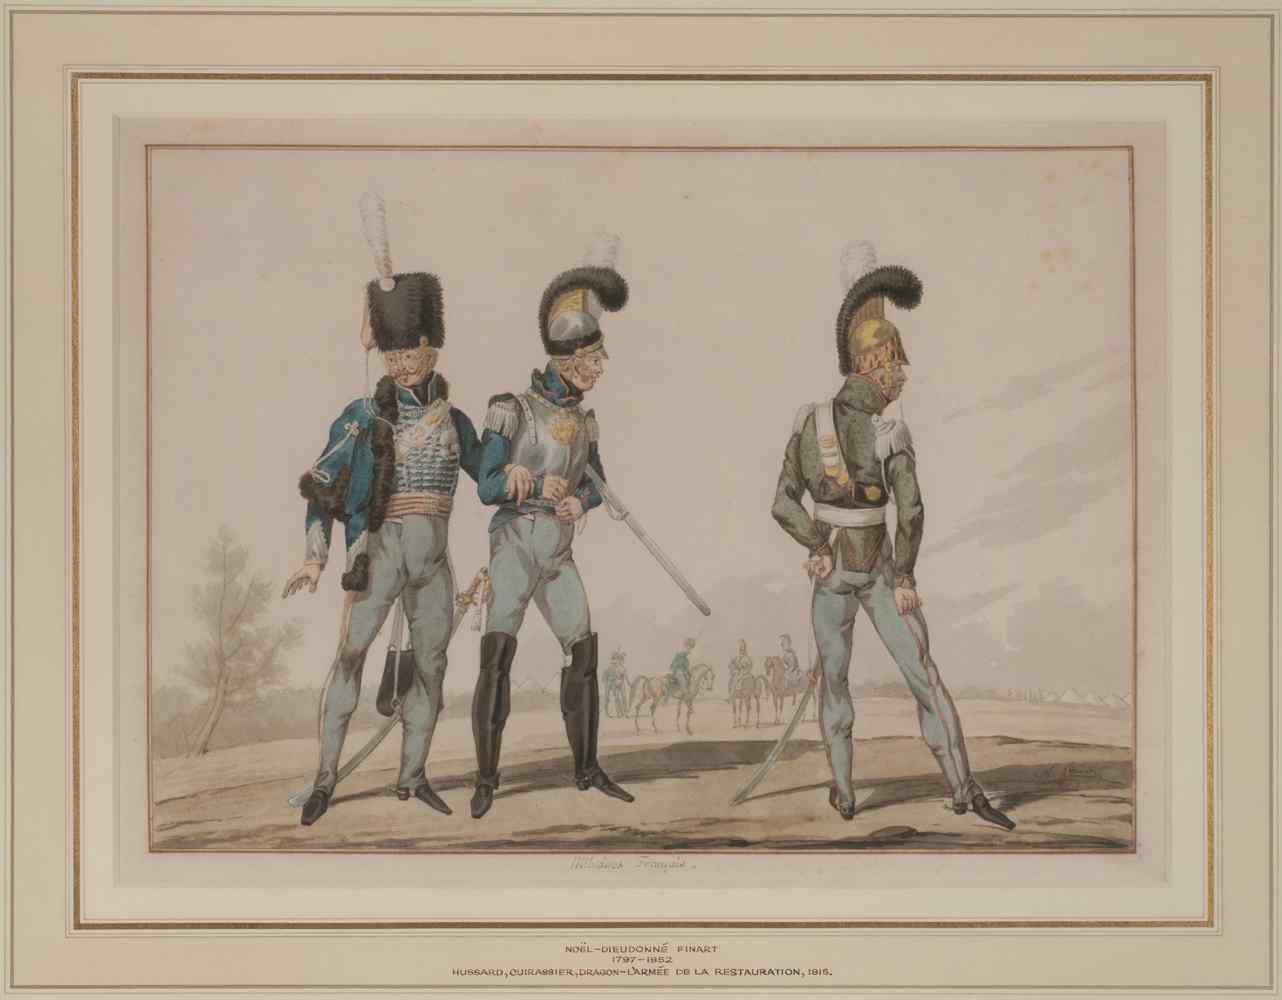 N.-D. Finart, Uniformi di un ussaro, corazzieri e dragoni